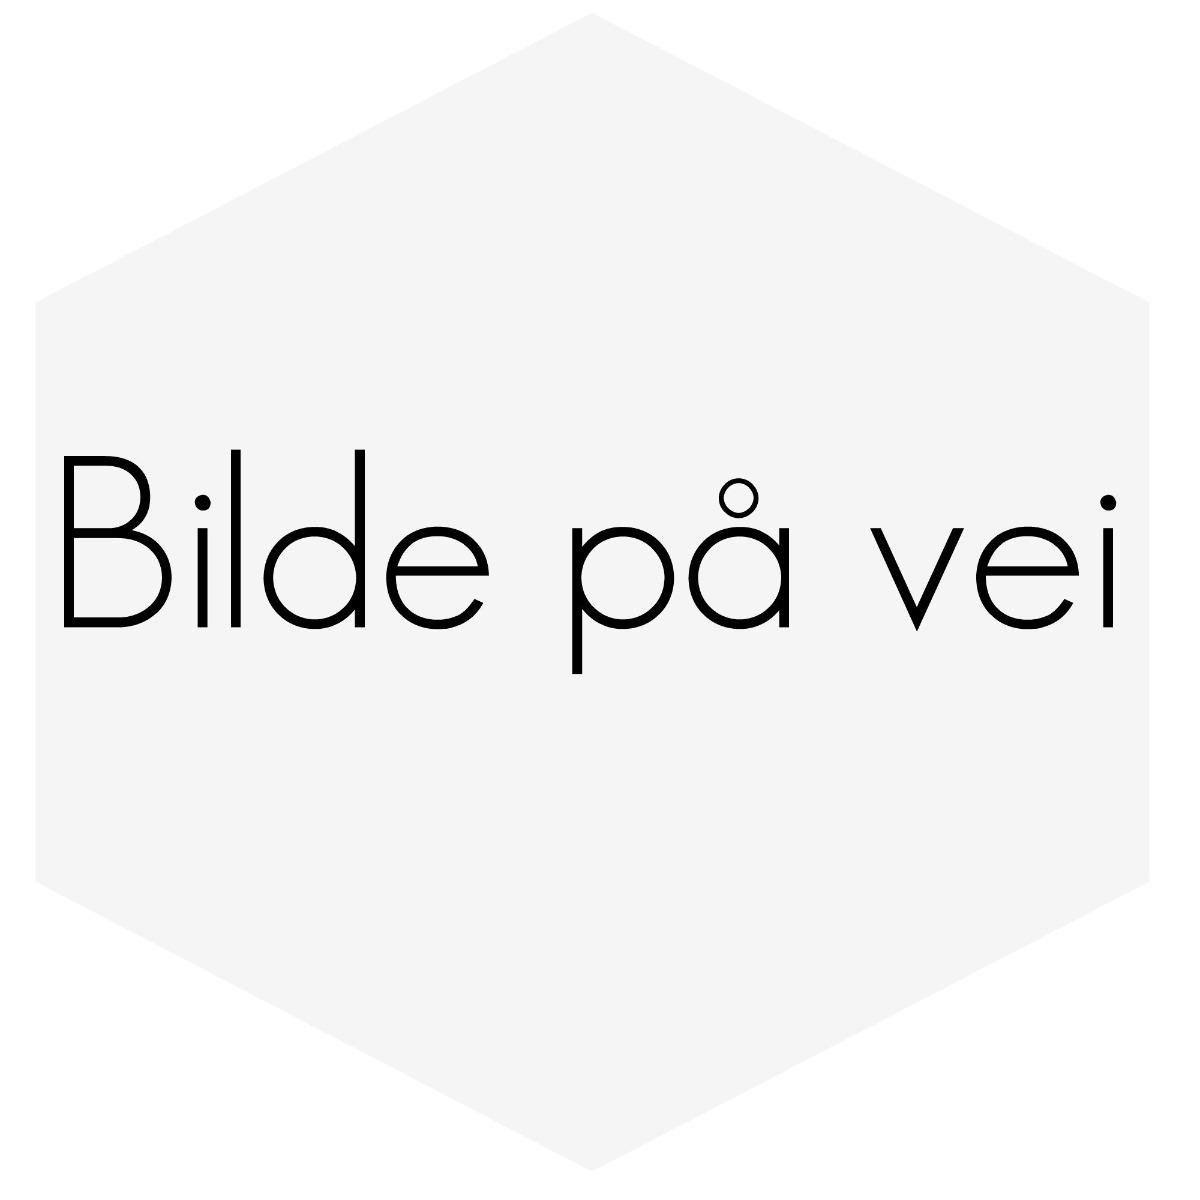 EKSOS ENDEPOTTE 2,5TUM INN 4,5TUM UT SKRÅ RUSTFRI